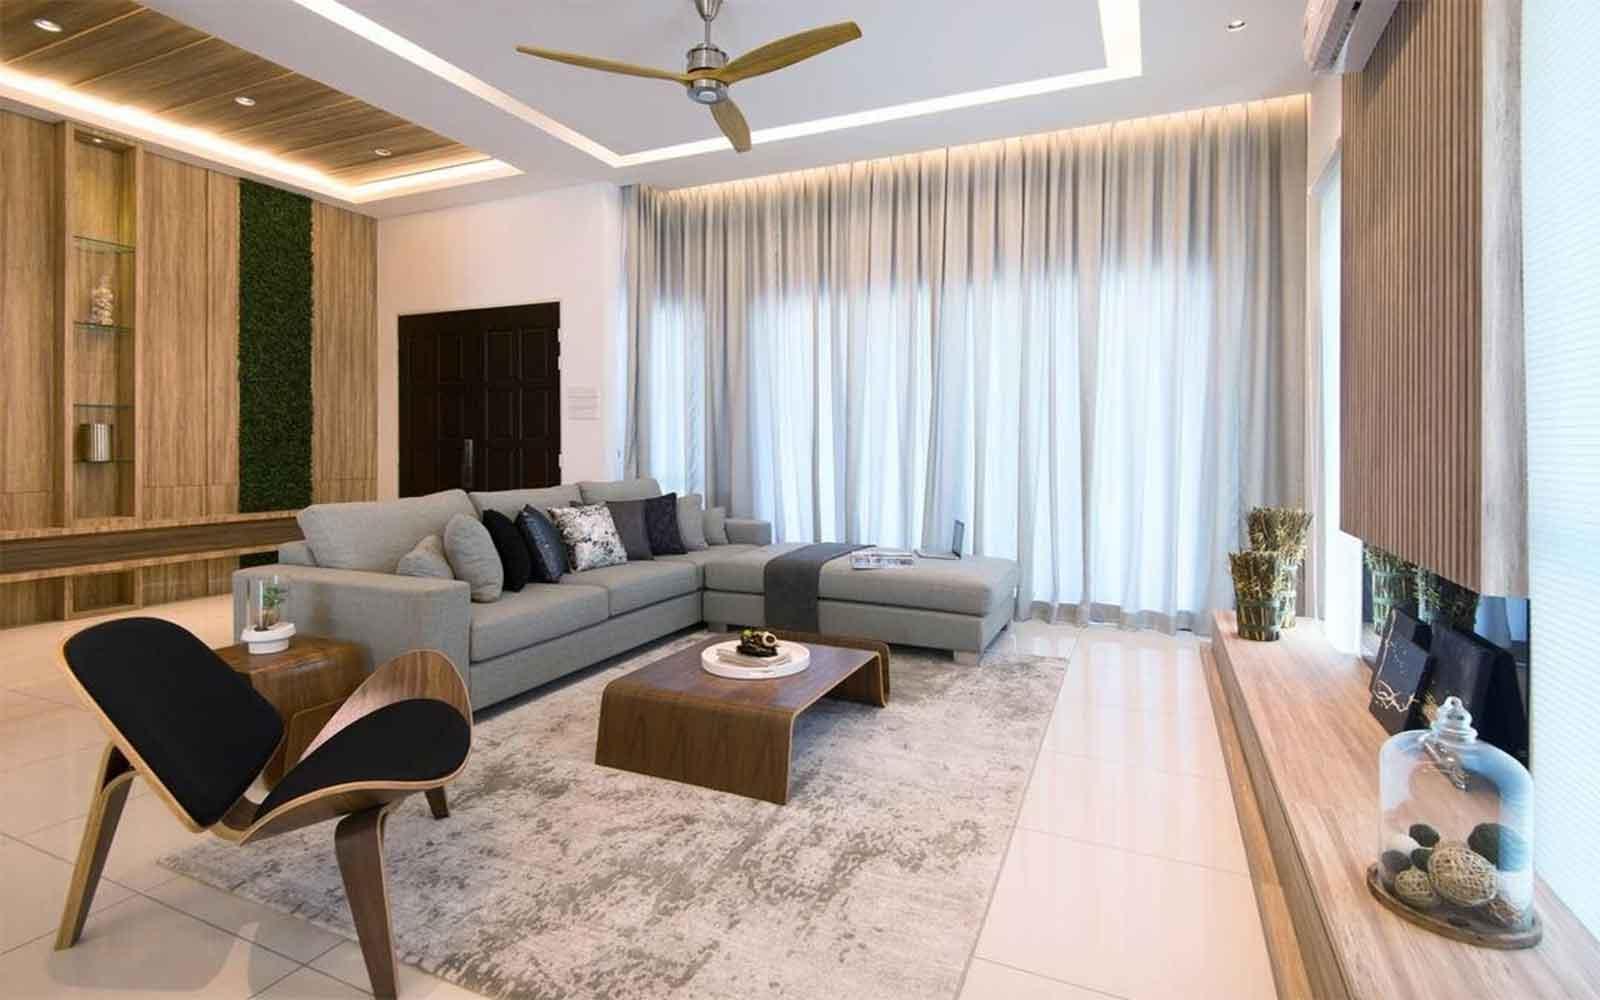 Kết hợp màu đồ nội thất và màu gạch ốp lát